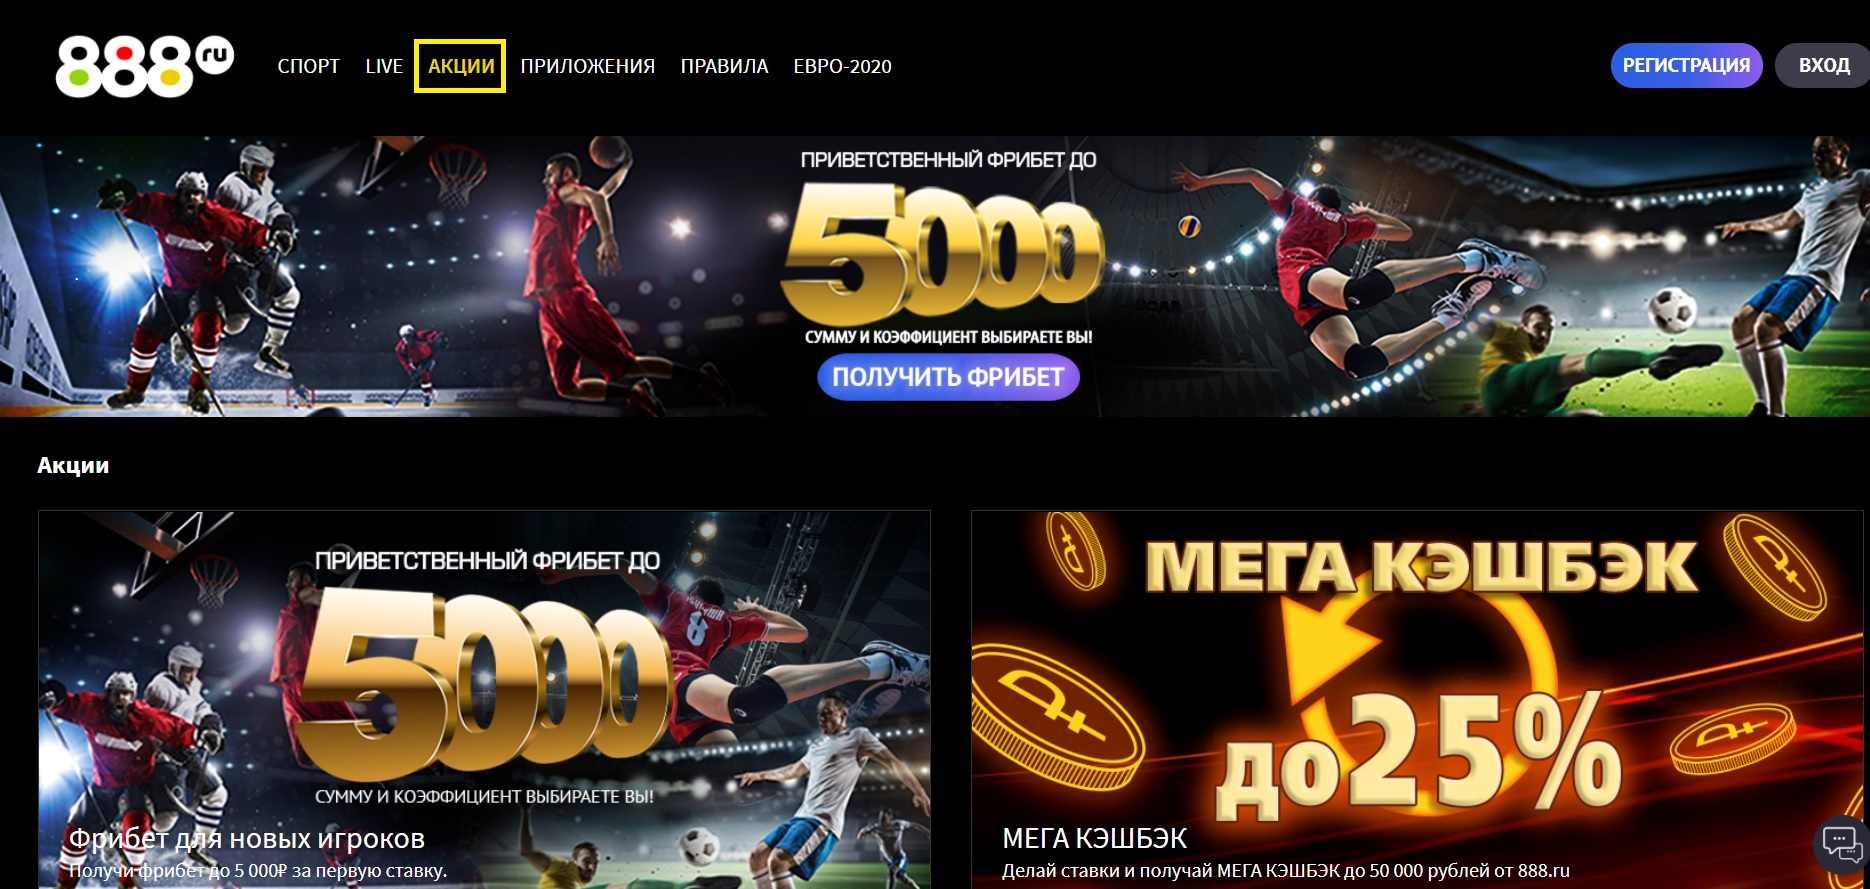 aktsii bonusy promokody 888 ru